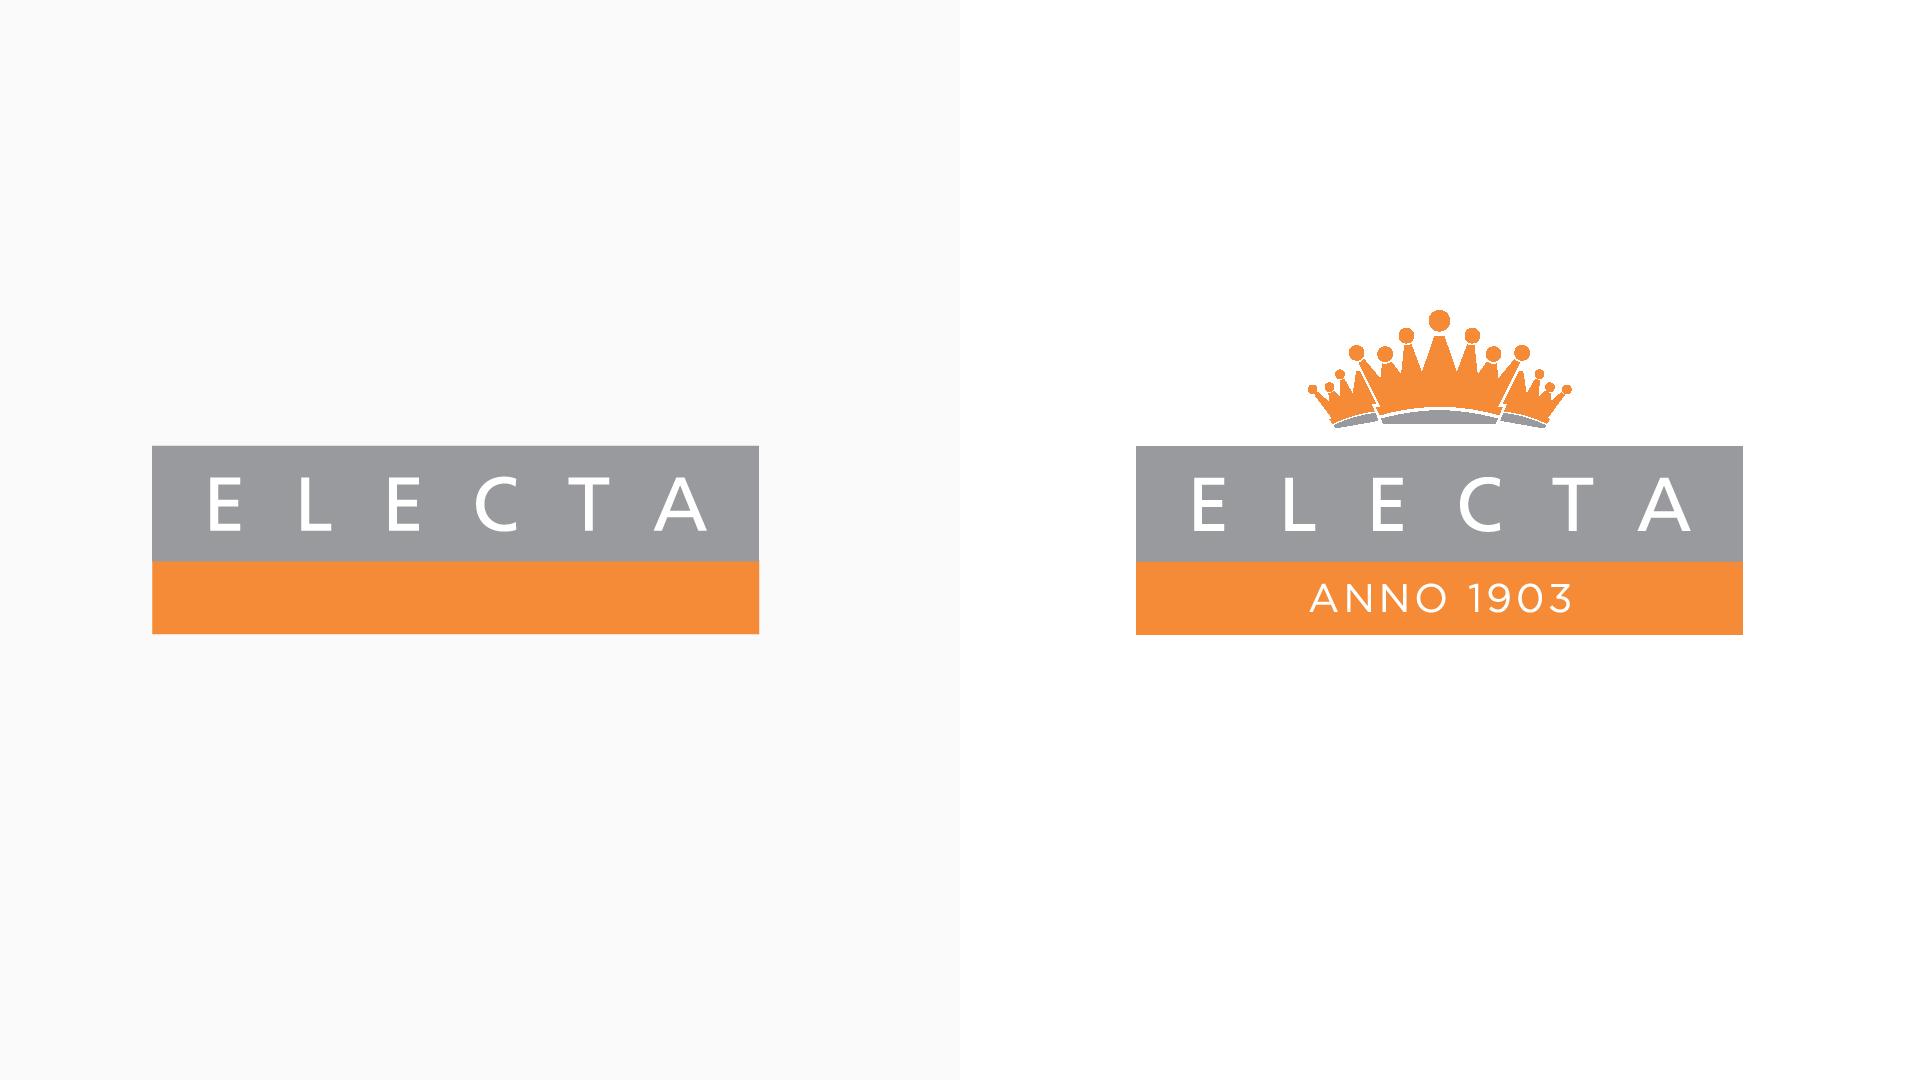 electa-logo-redesign